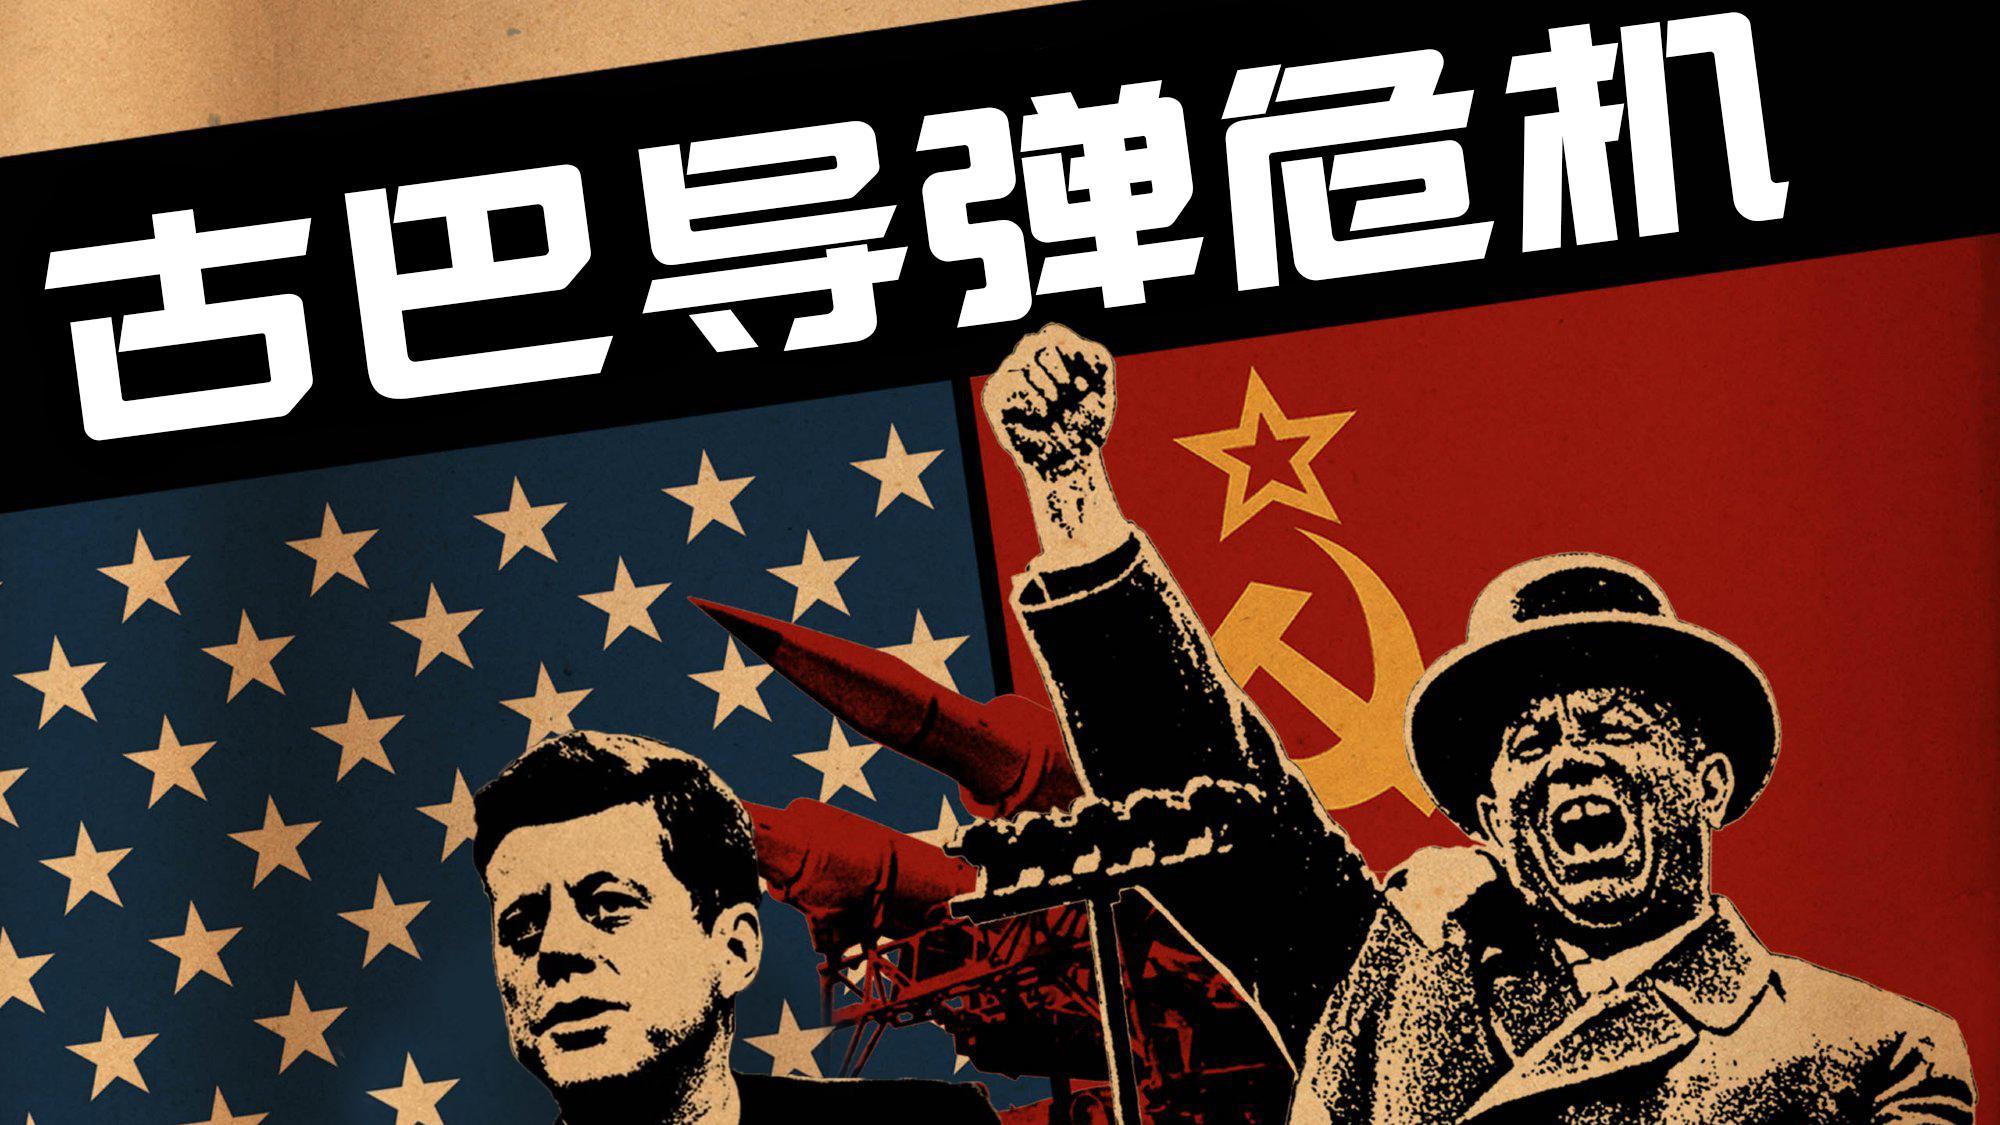 极限博弈!古巴导弹危机中的肯尼迪与赫鲁晓夫【历史调研室03】